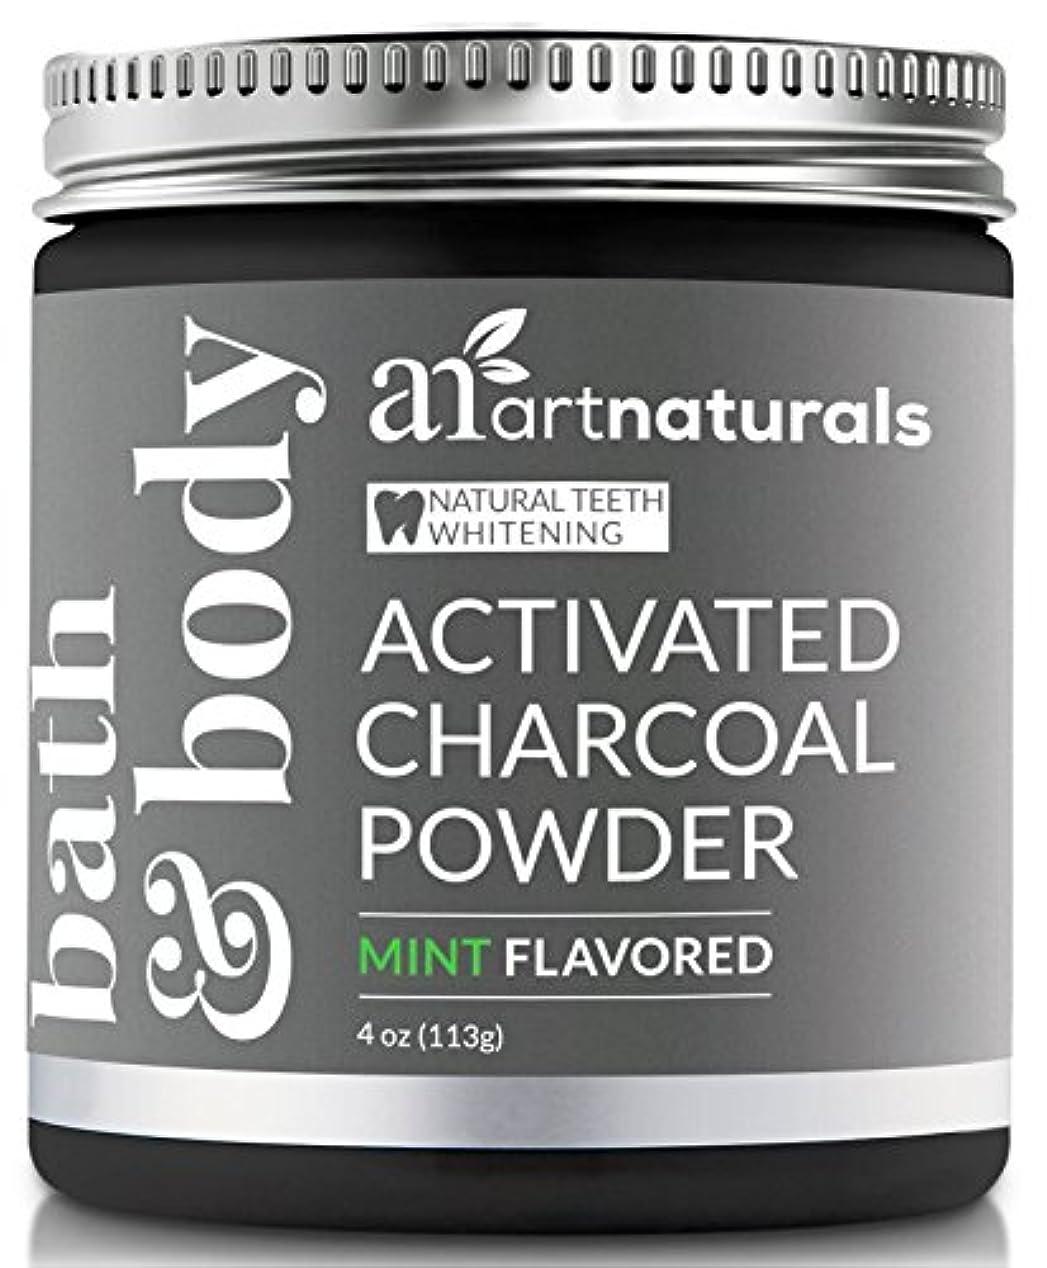 活性化するリークファンArtNaturals Teeth Whitening Charcoal Powder - (4 Oz / 113g) - Activated Charcoal for a Natural, Non-Abrassive...